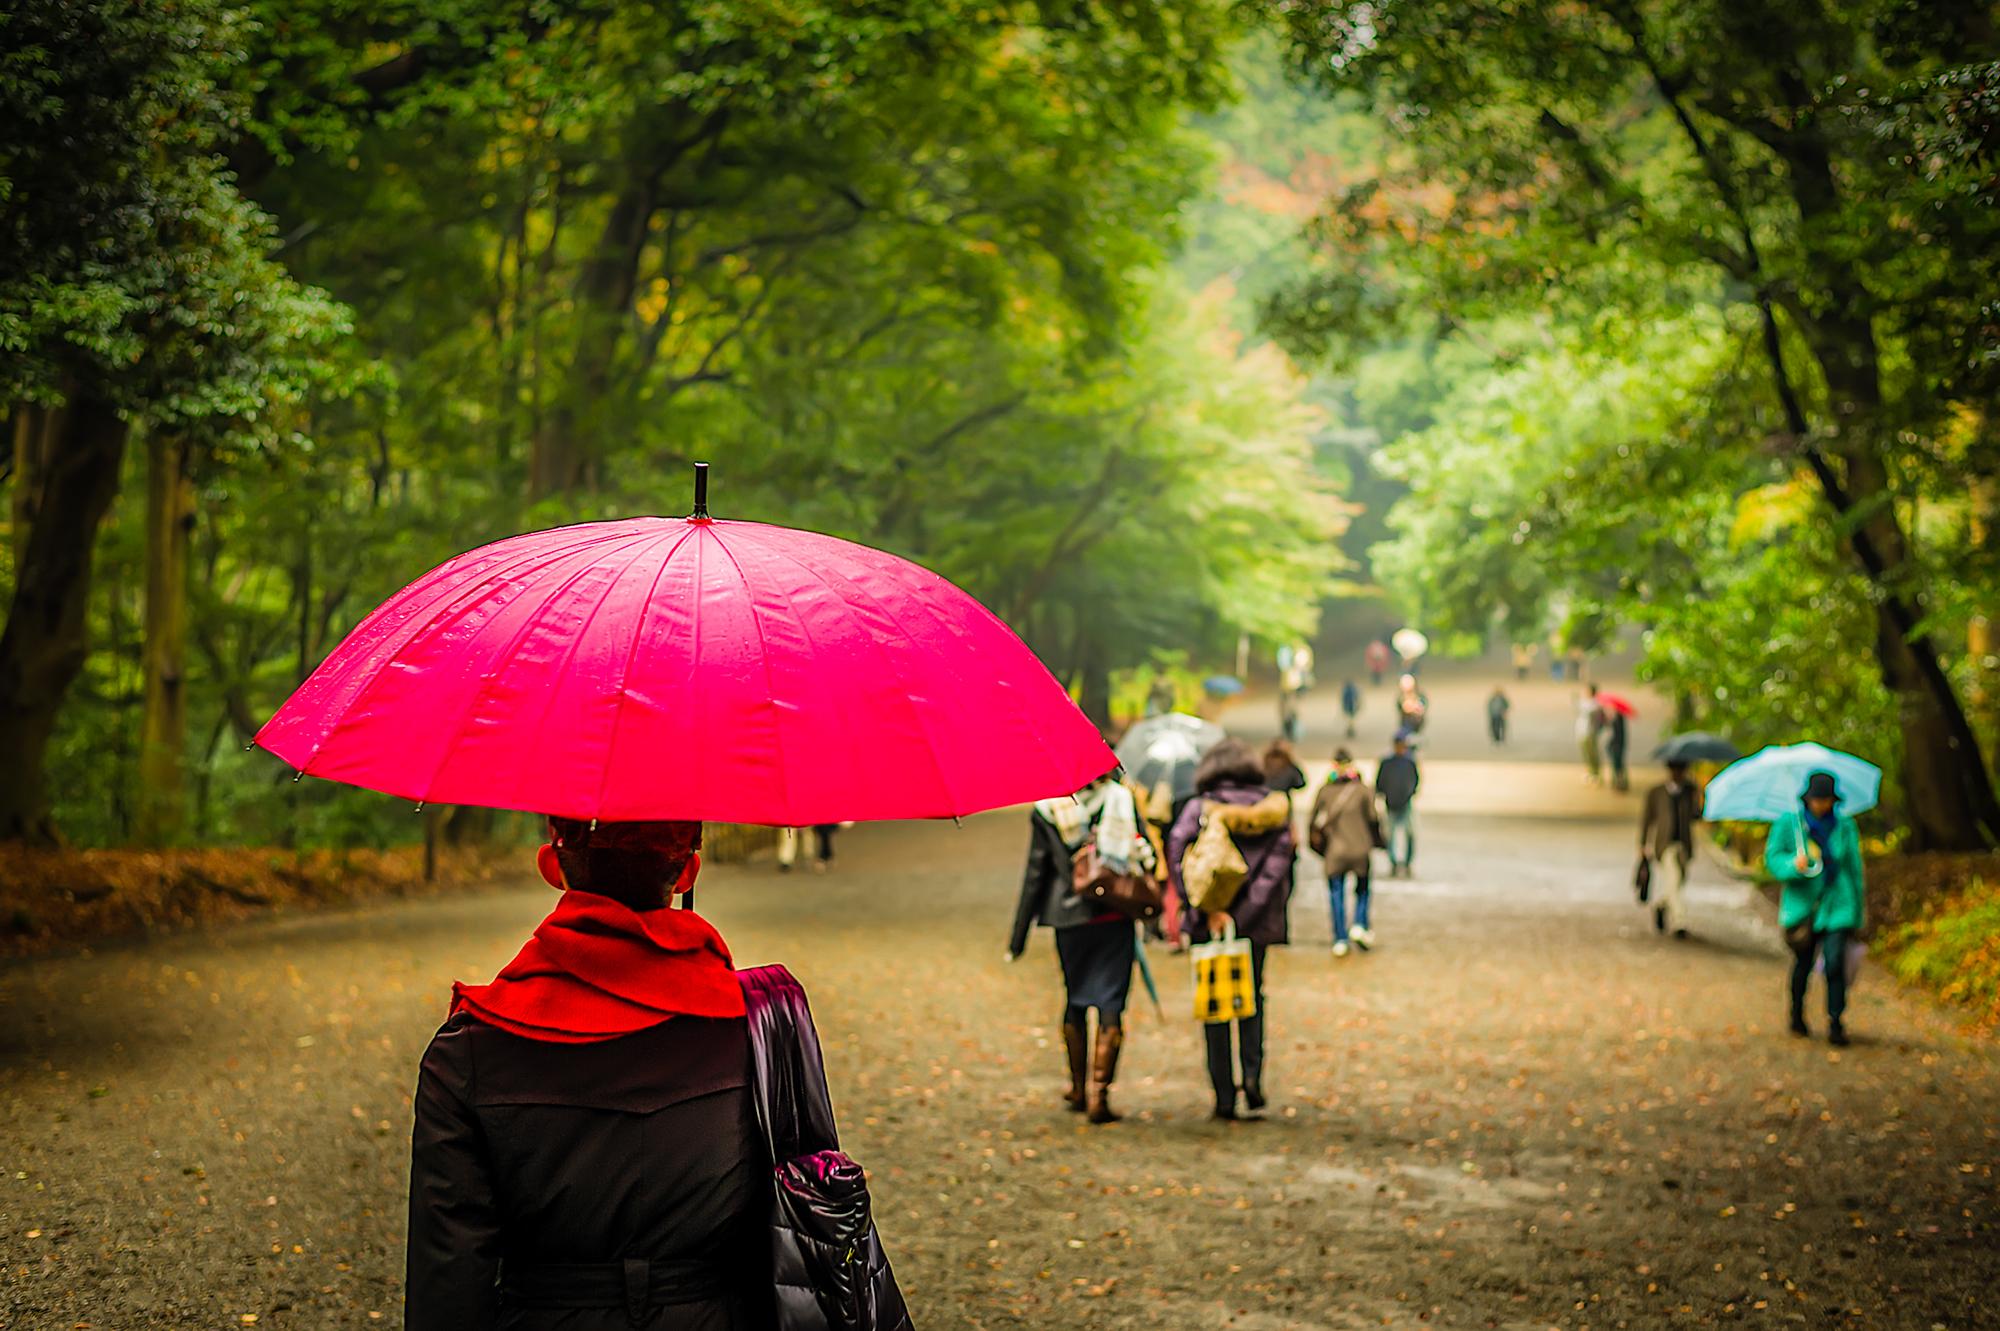 بهار با چتر صورتی و چمدان سبز / یک داستان کوتاه از زبان کوتاه و کودکانه